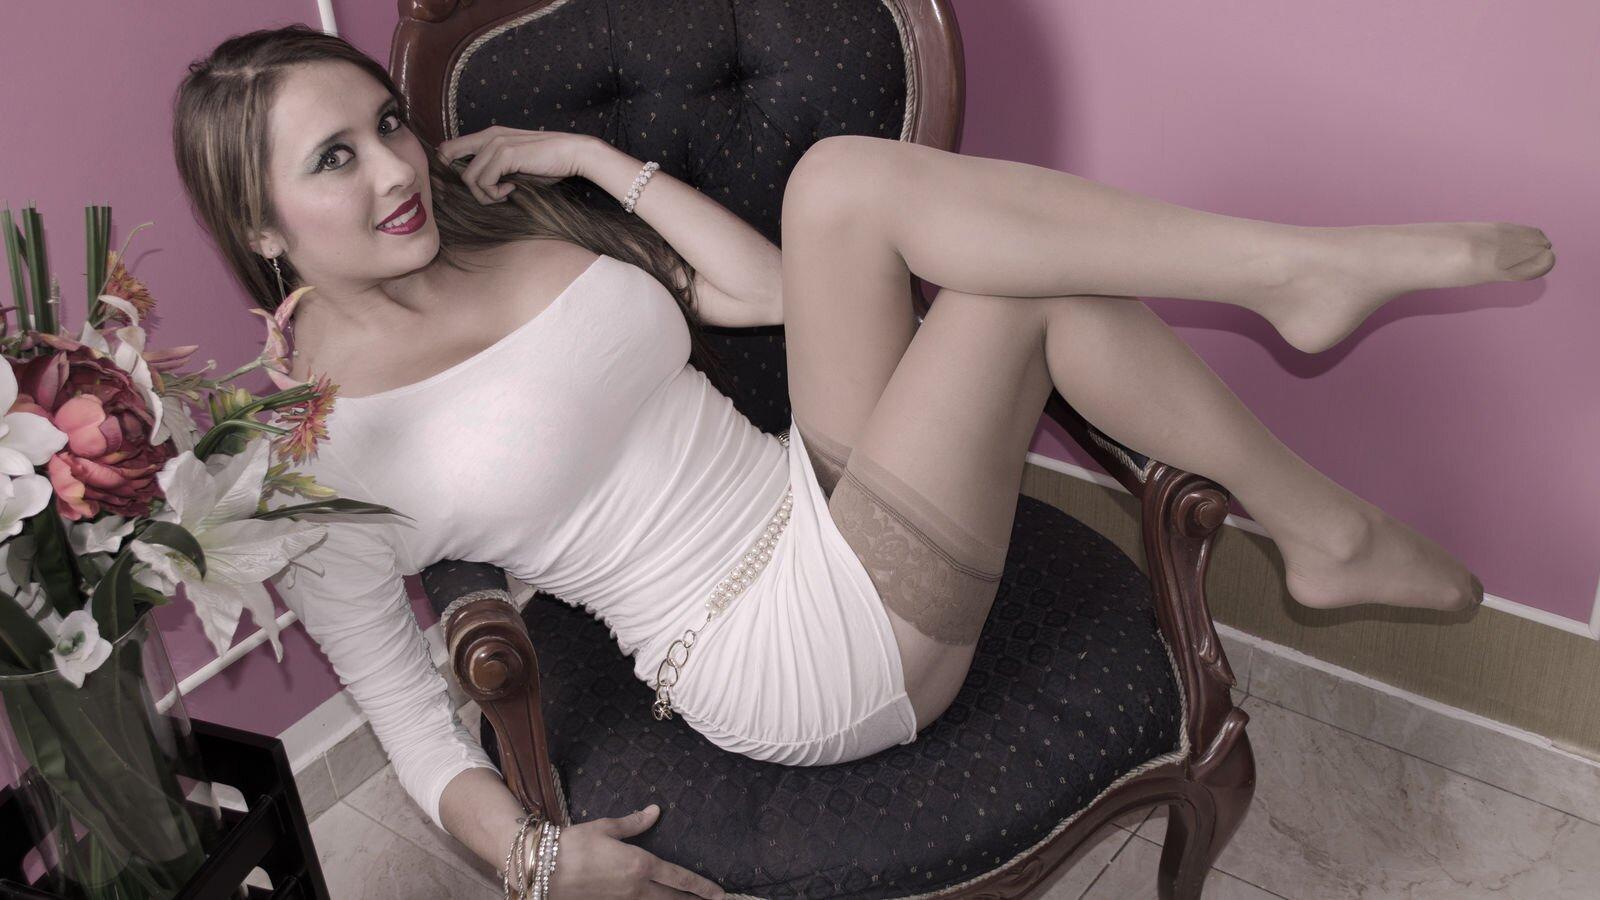 NatashaLiu